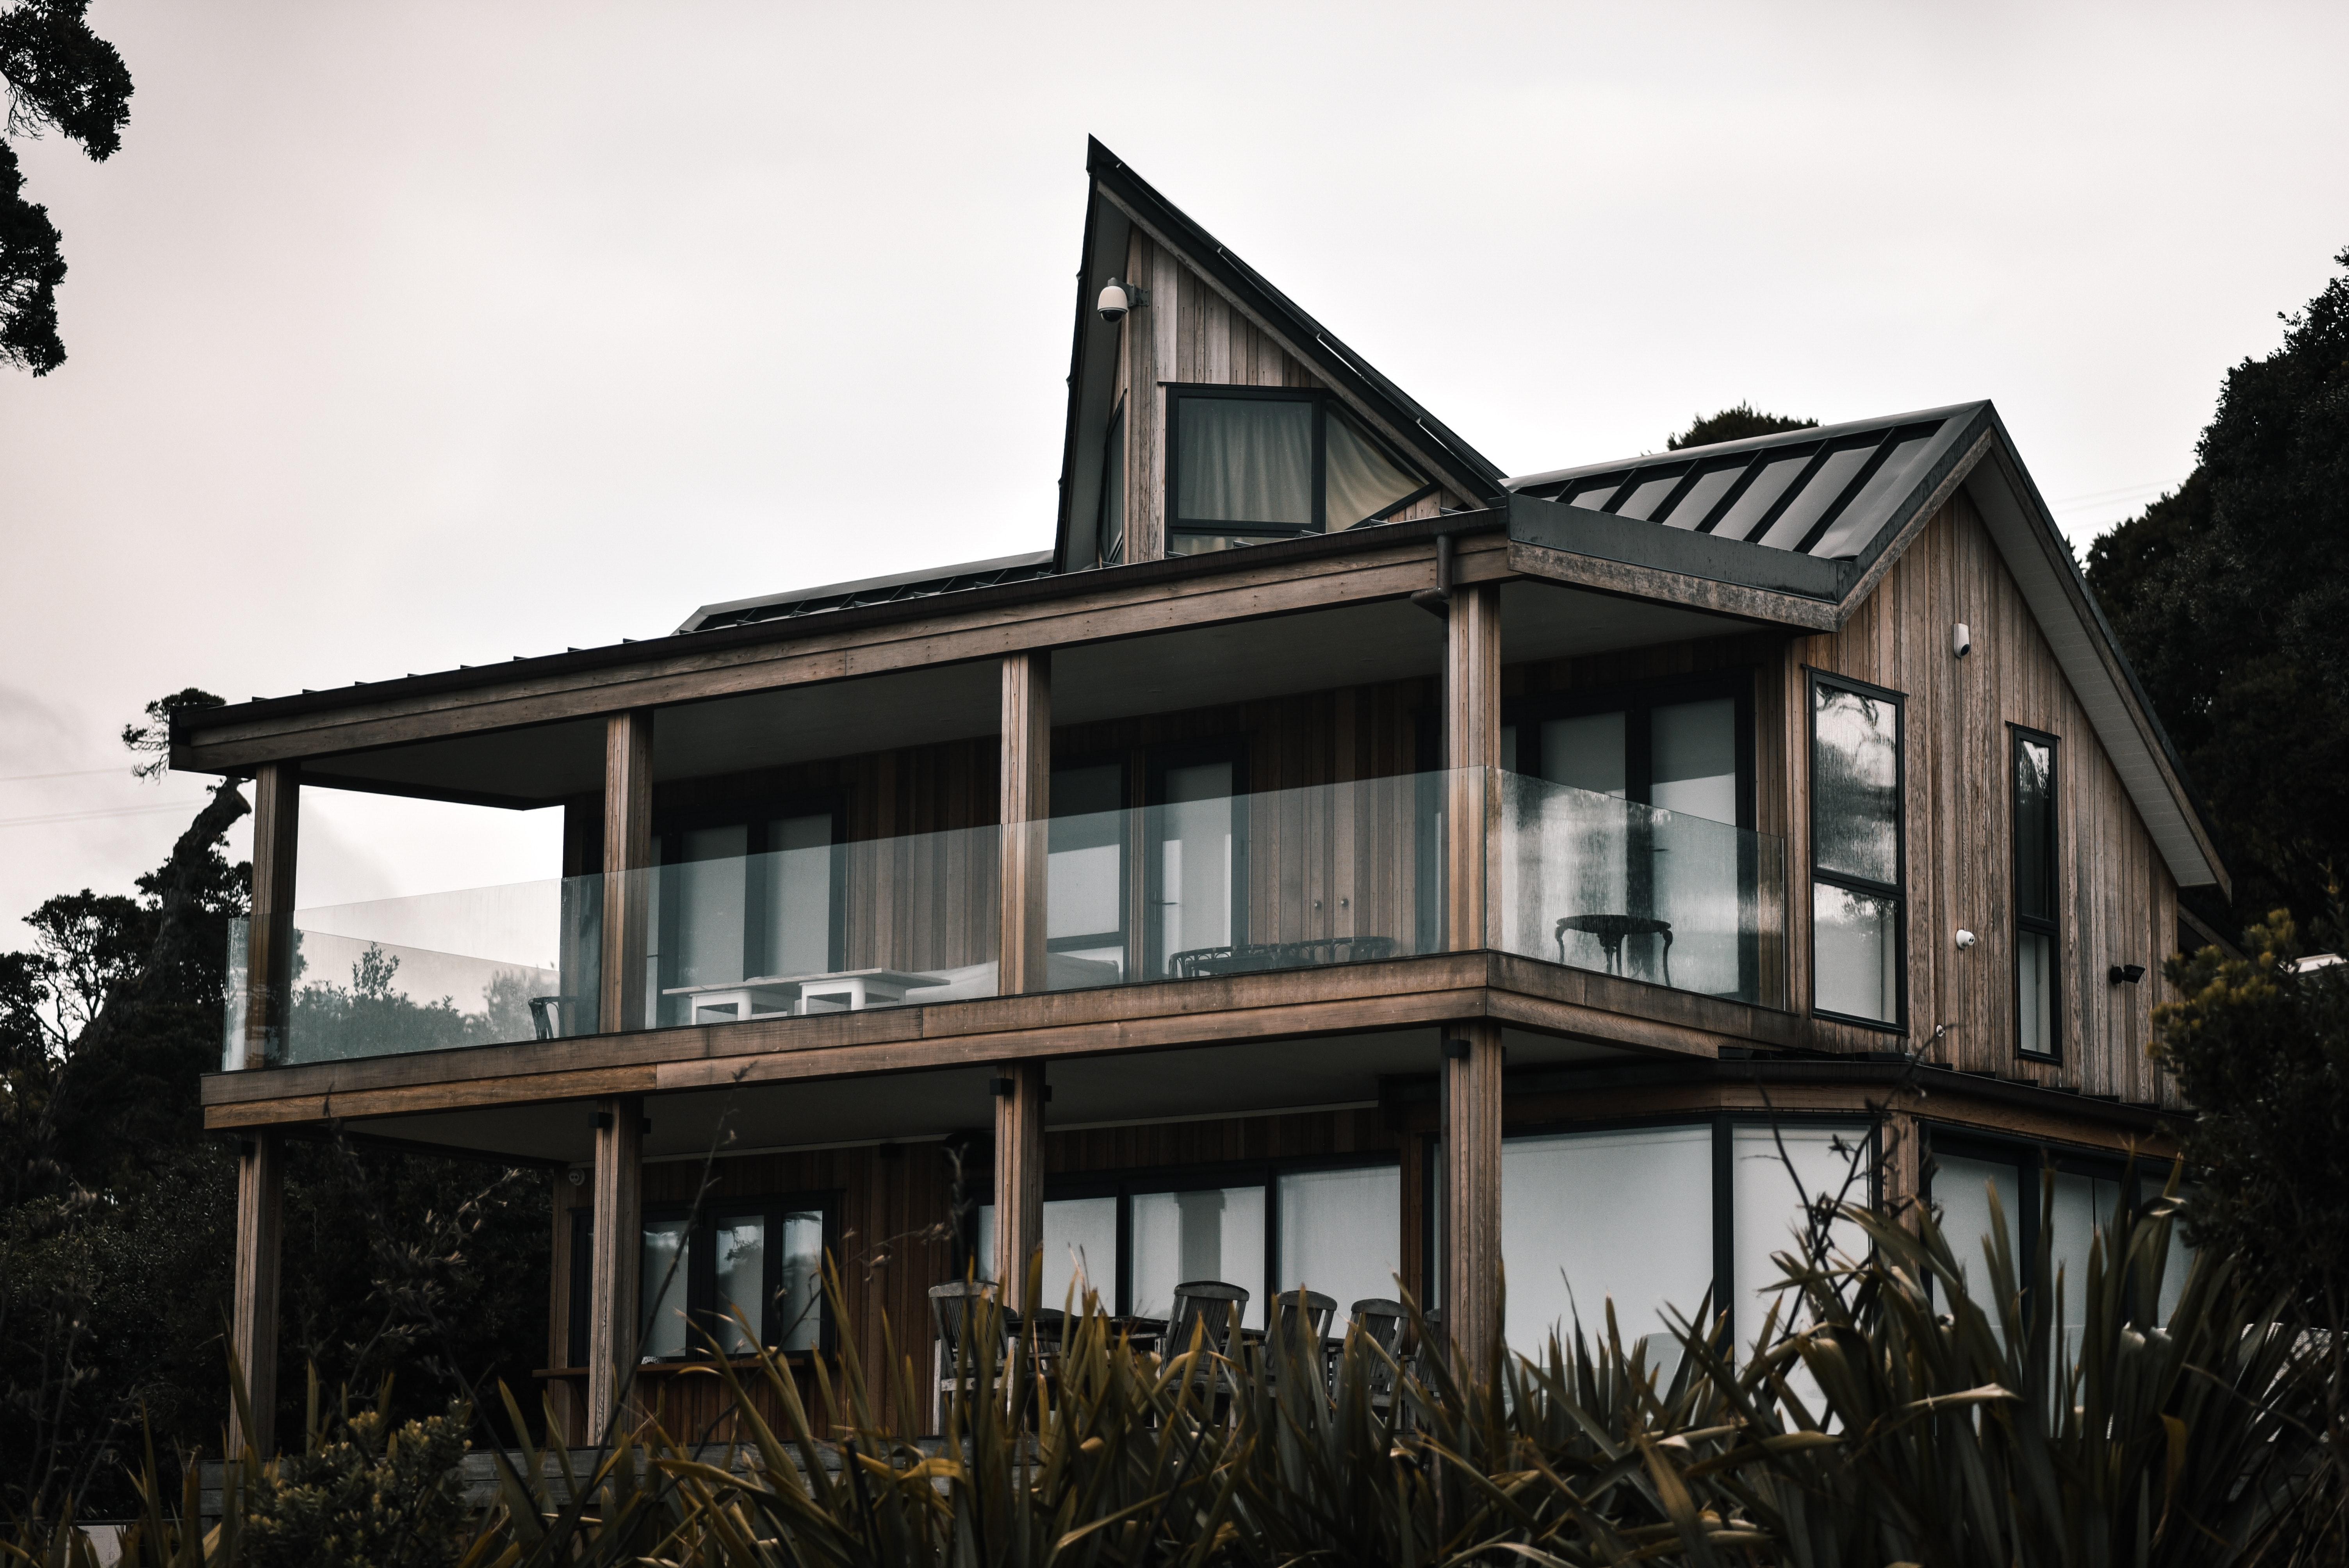 Kosten vor dem Umzug: Wie das Eigenheim perfekt wird